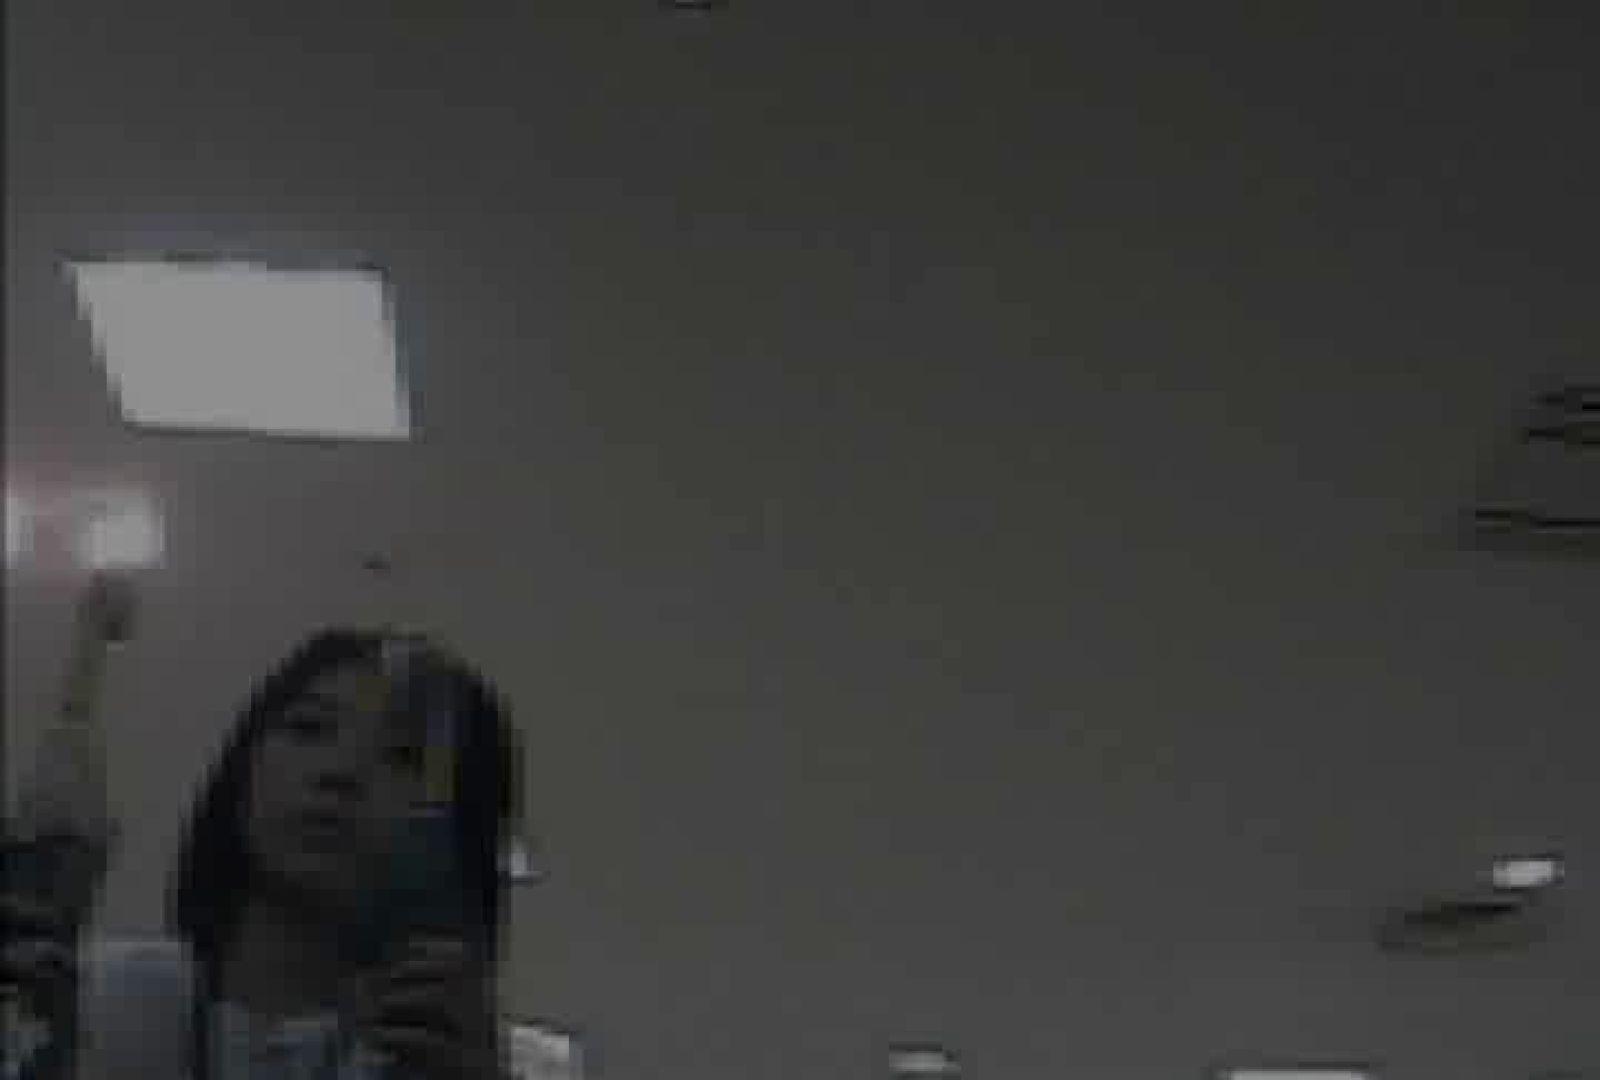 ショップ店員のパンチラアクシデント Vol.22 OLセックス 盗み撮りAV無料動画キャプチャ 87画像 62